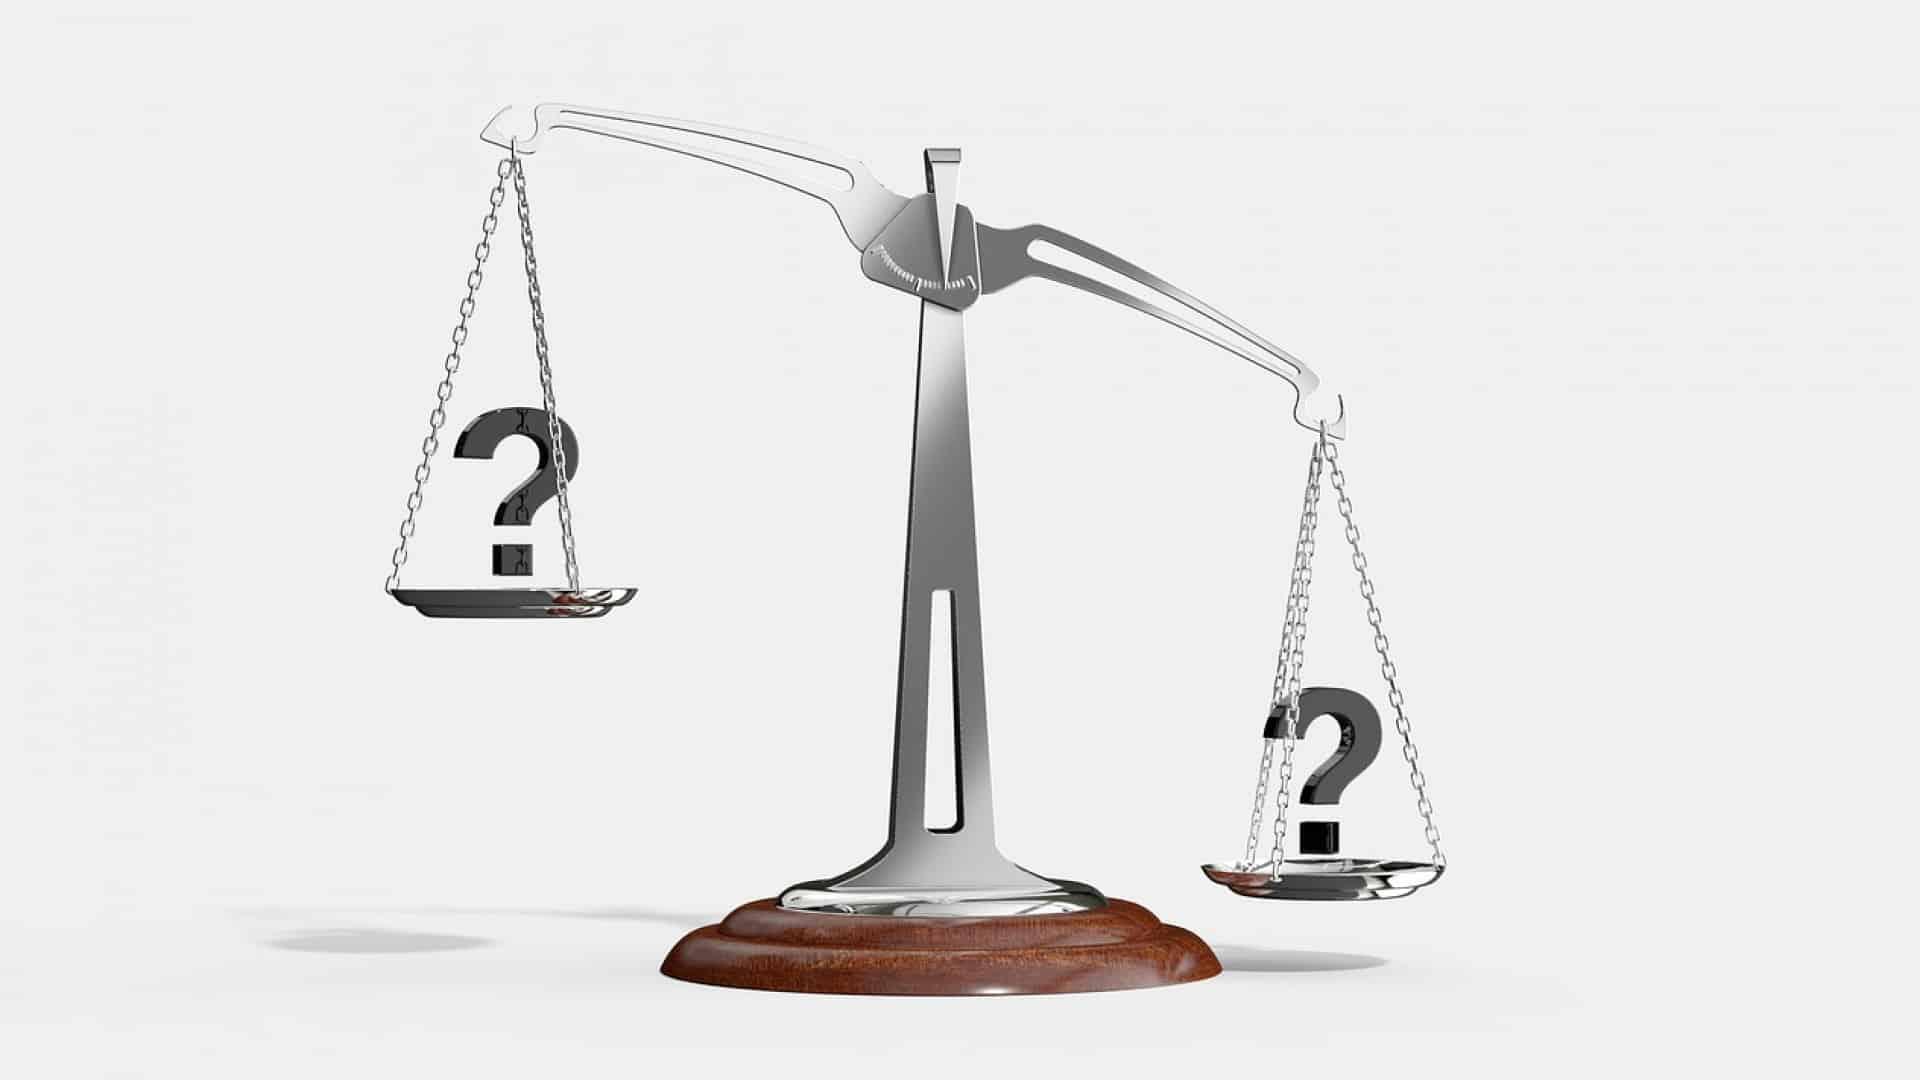 Pourquoi utiliser un comparateur de produits ?